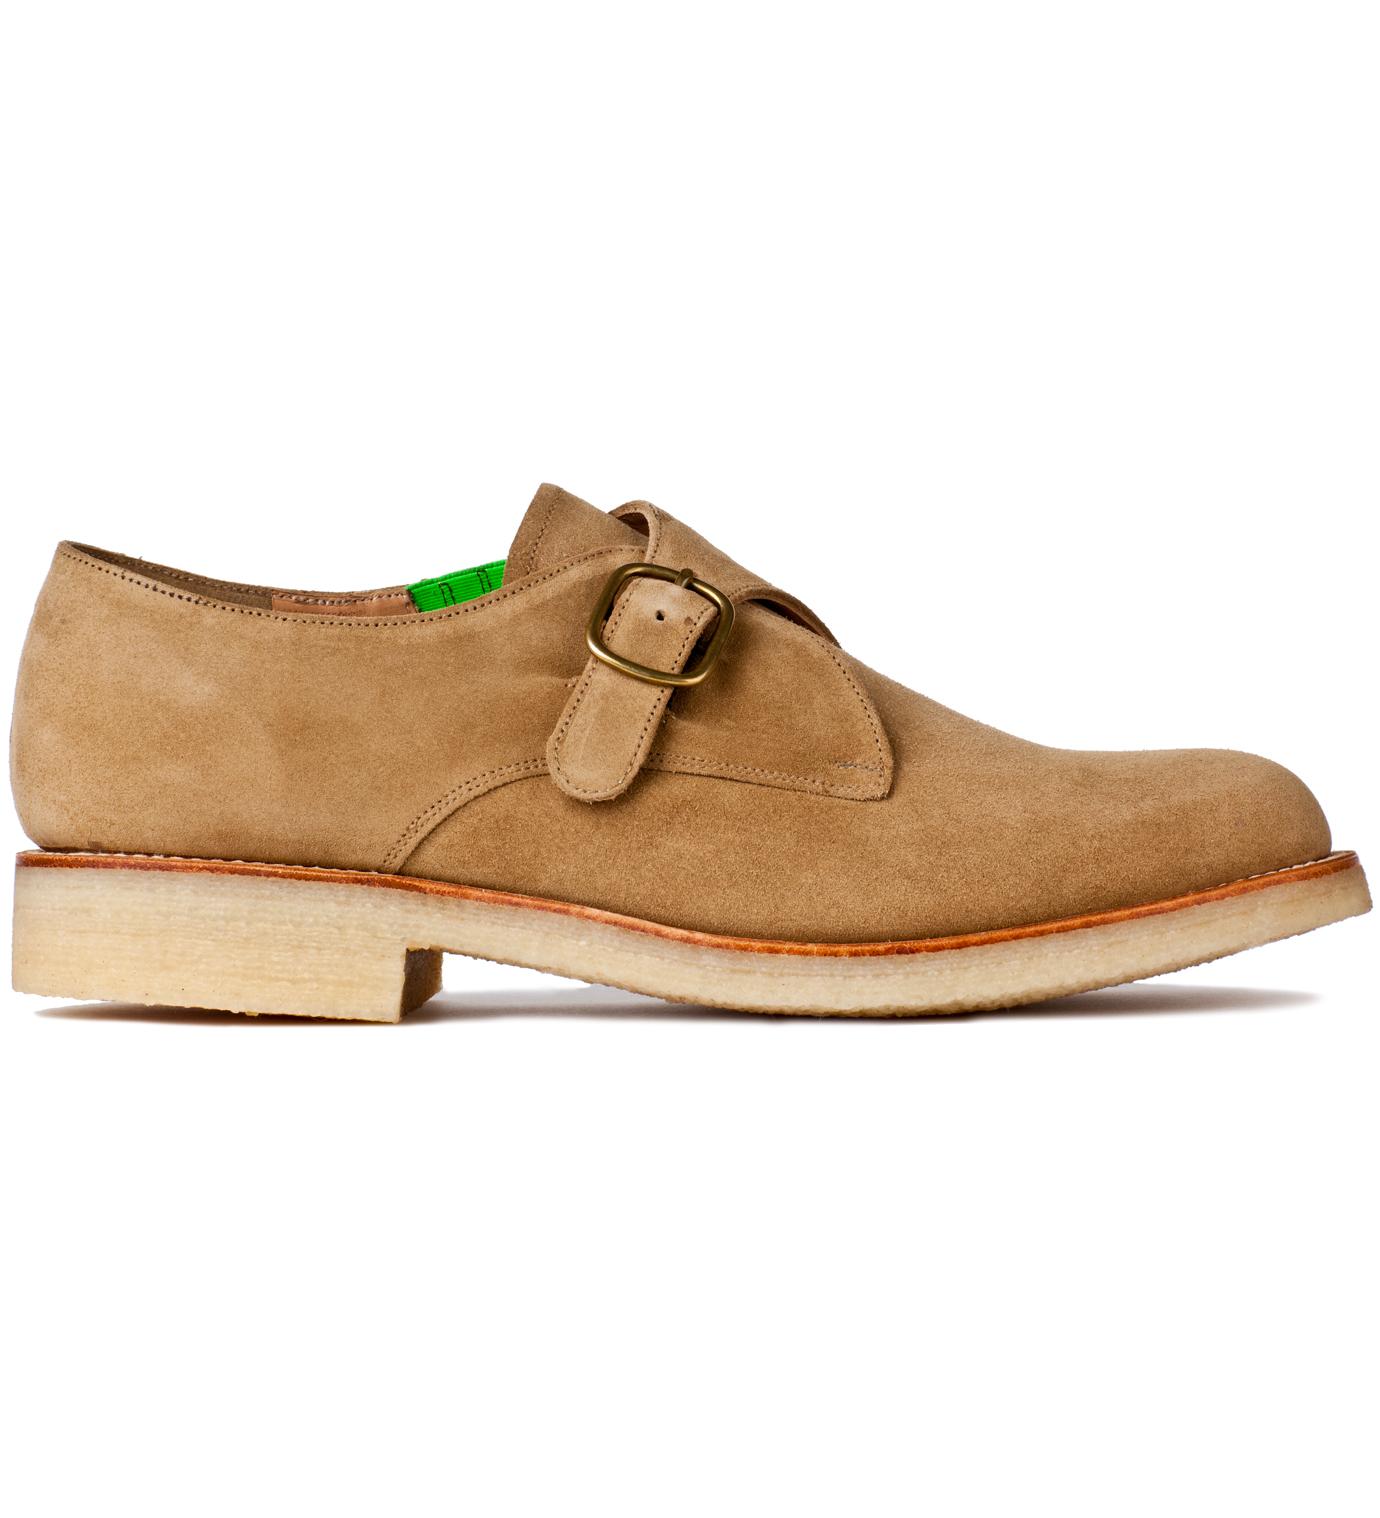 GARBSTORE Grabstore x Grenson Mushroom Monk Shoe